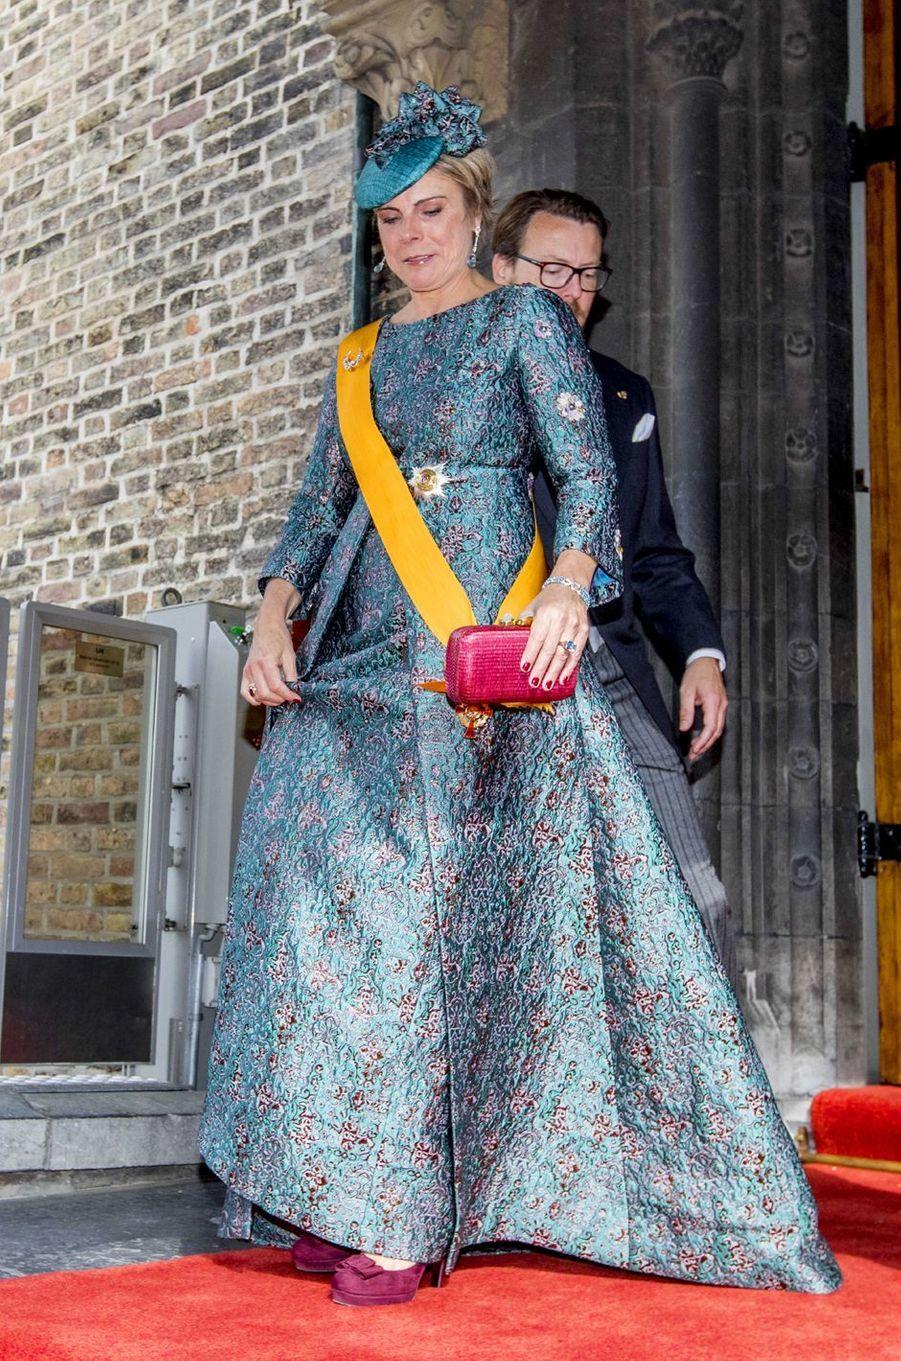 La princesse Laurentien des Pays-Bas à La Haye, le 18 septembre 2018